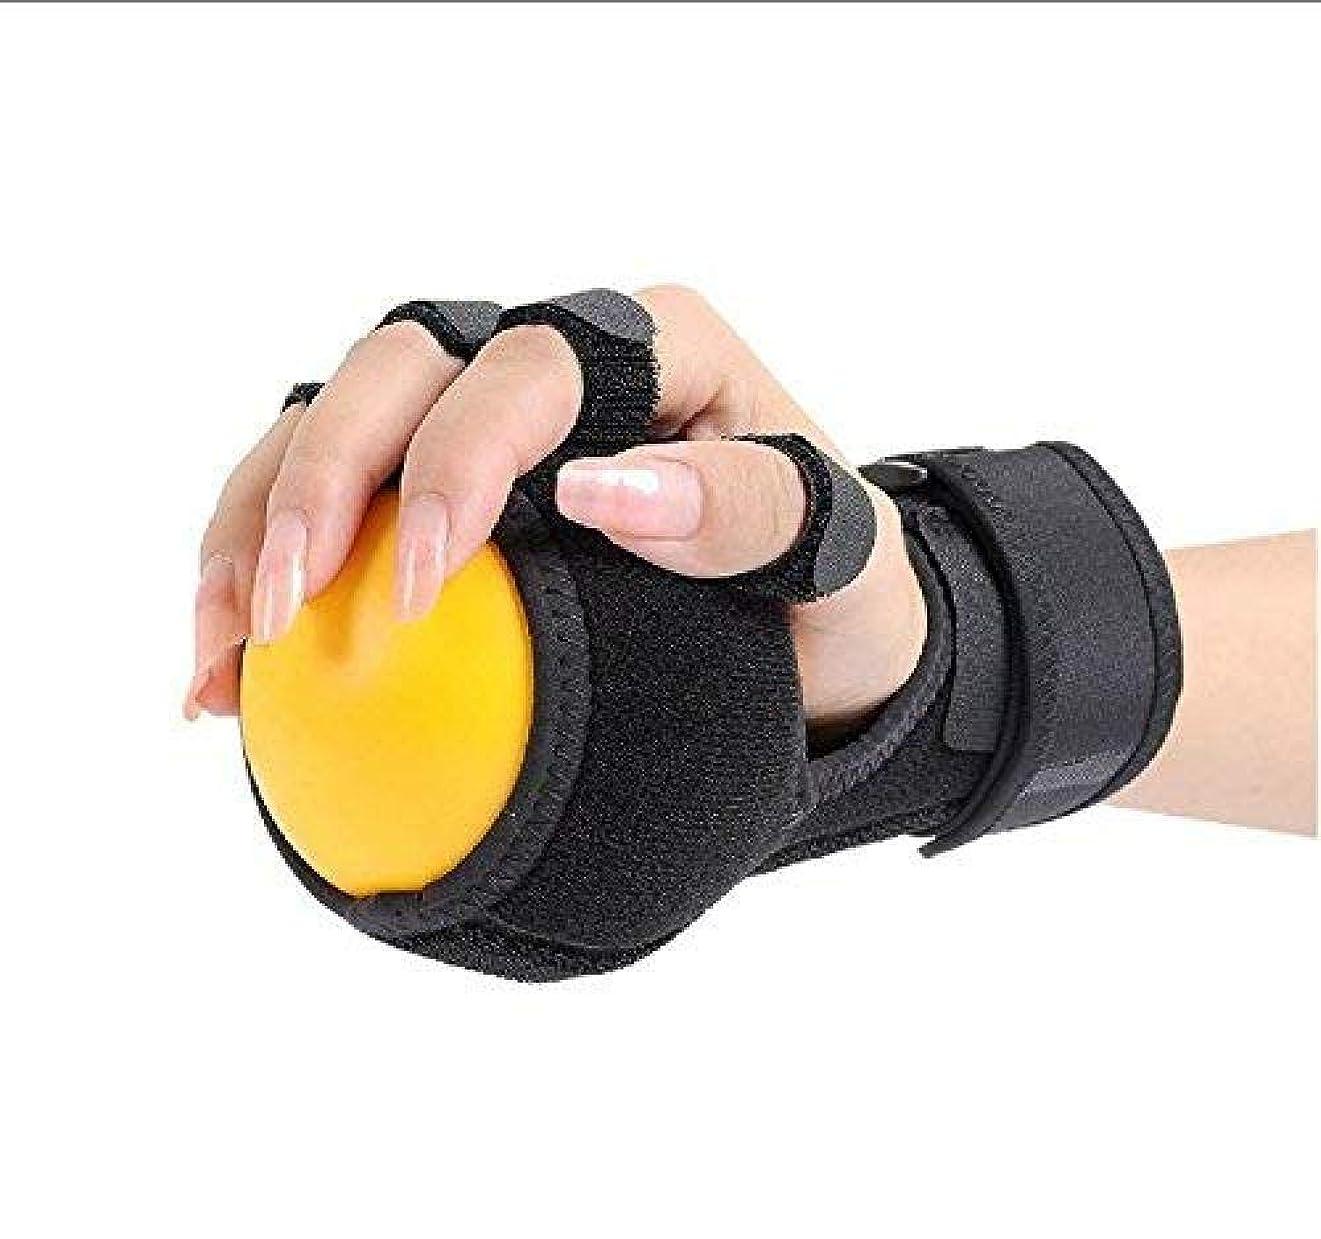 の量不要衣服関節炎ハンドボールリハビリテーションのためのトリガー指装具親指サポートのためのトリガー指副木